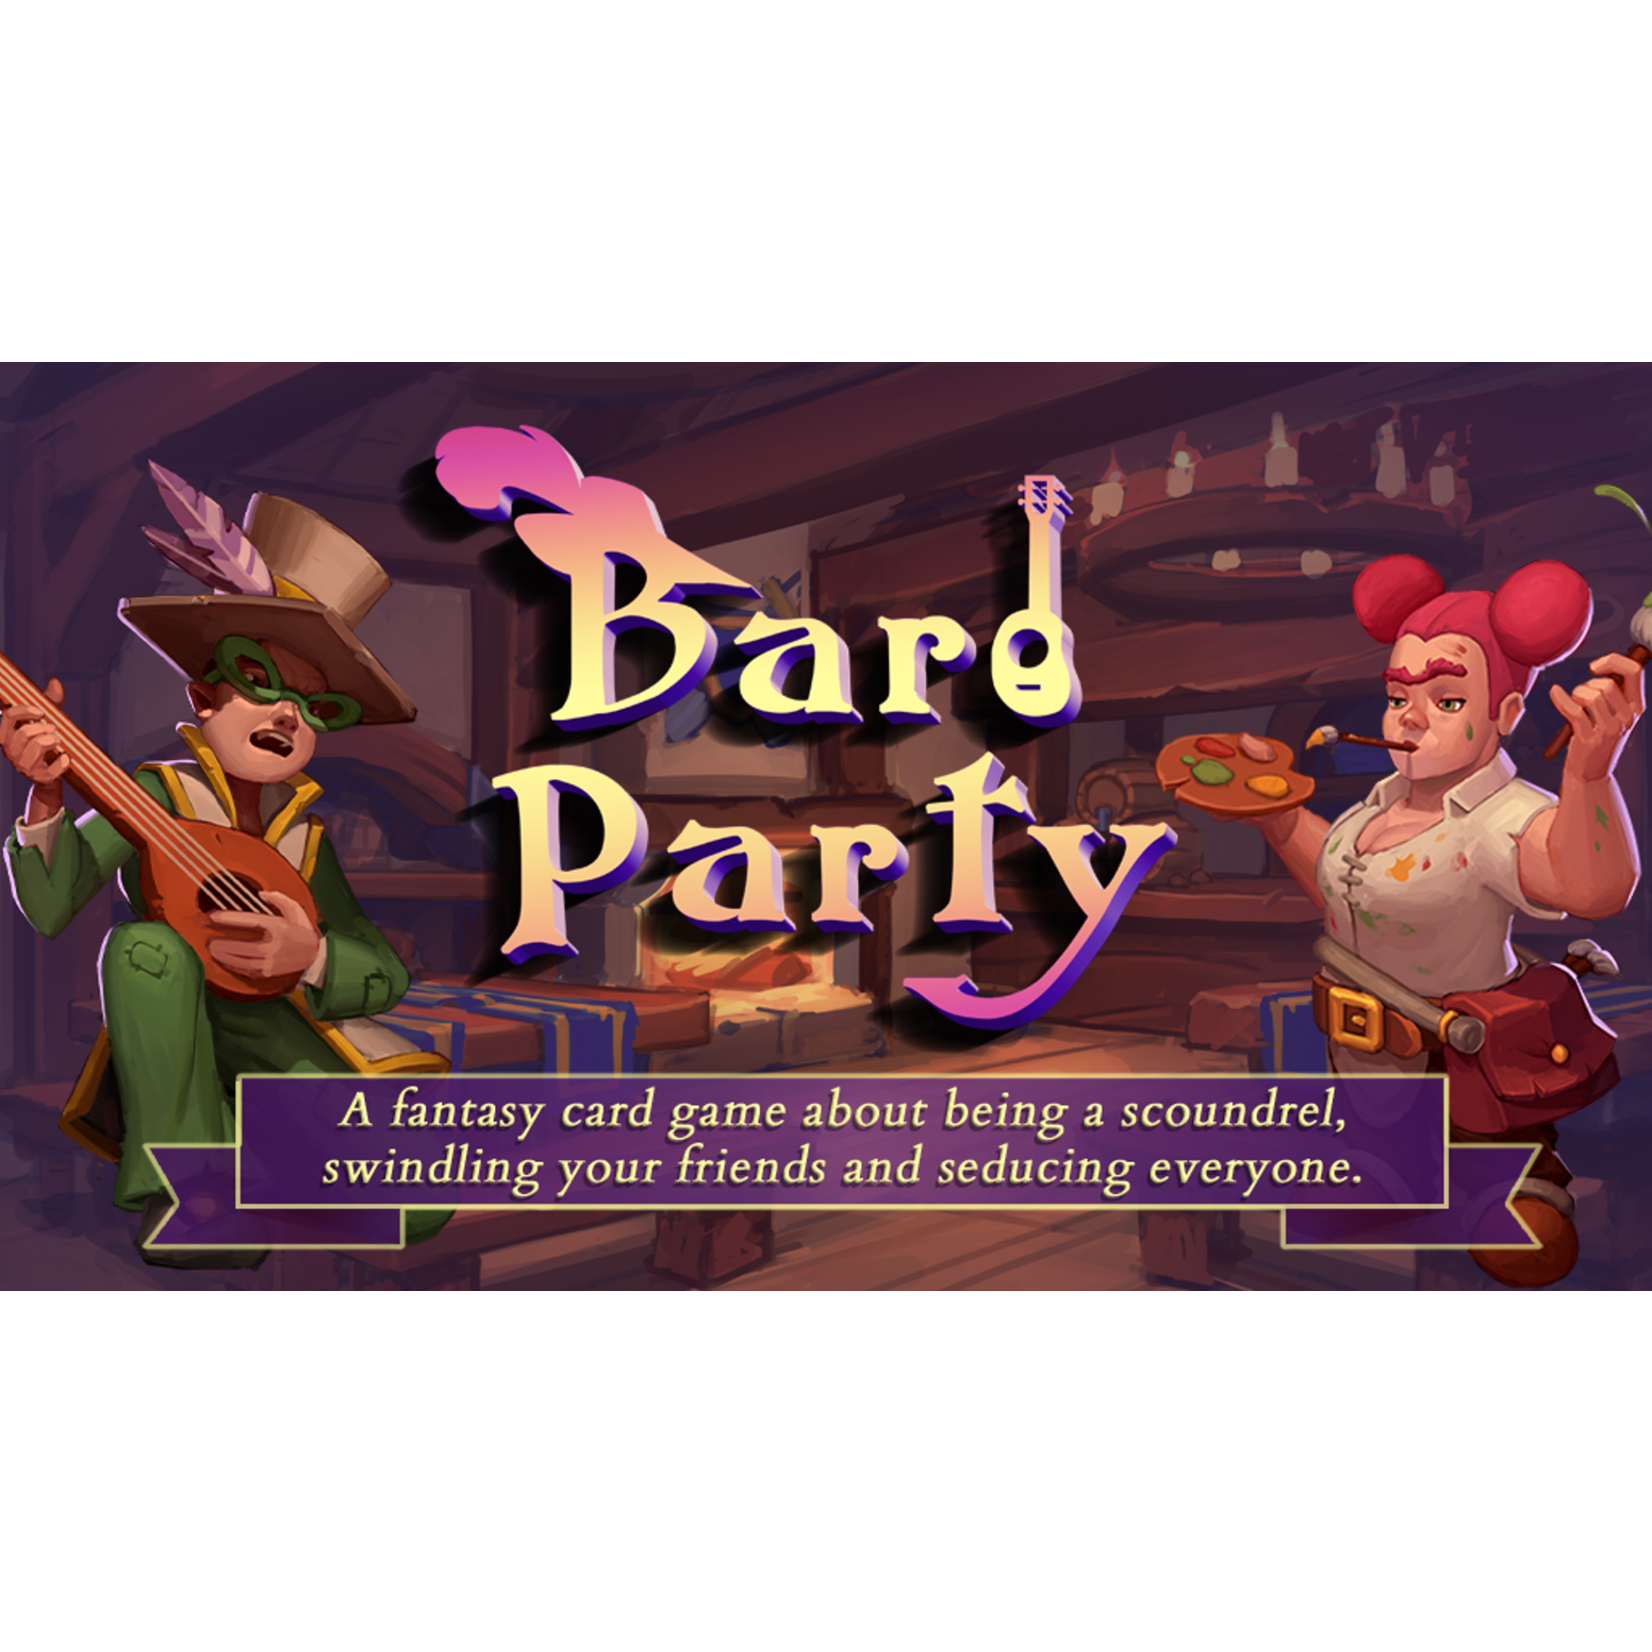 Bard Party KS